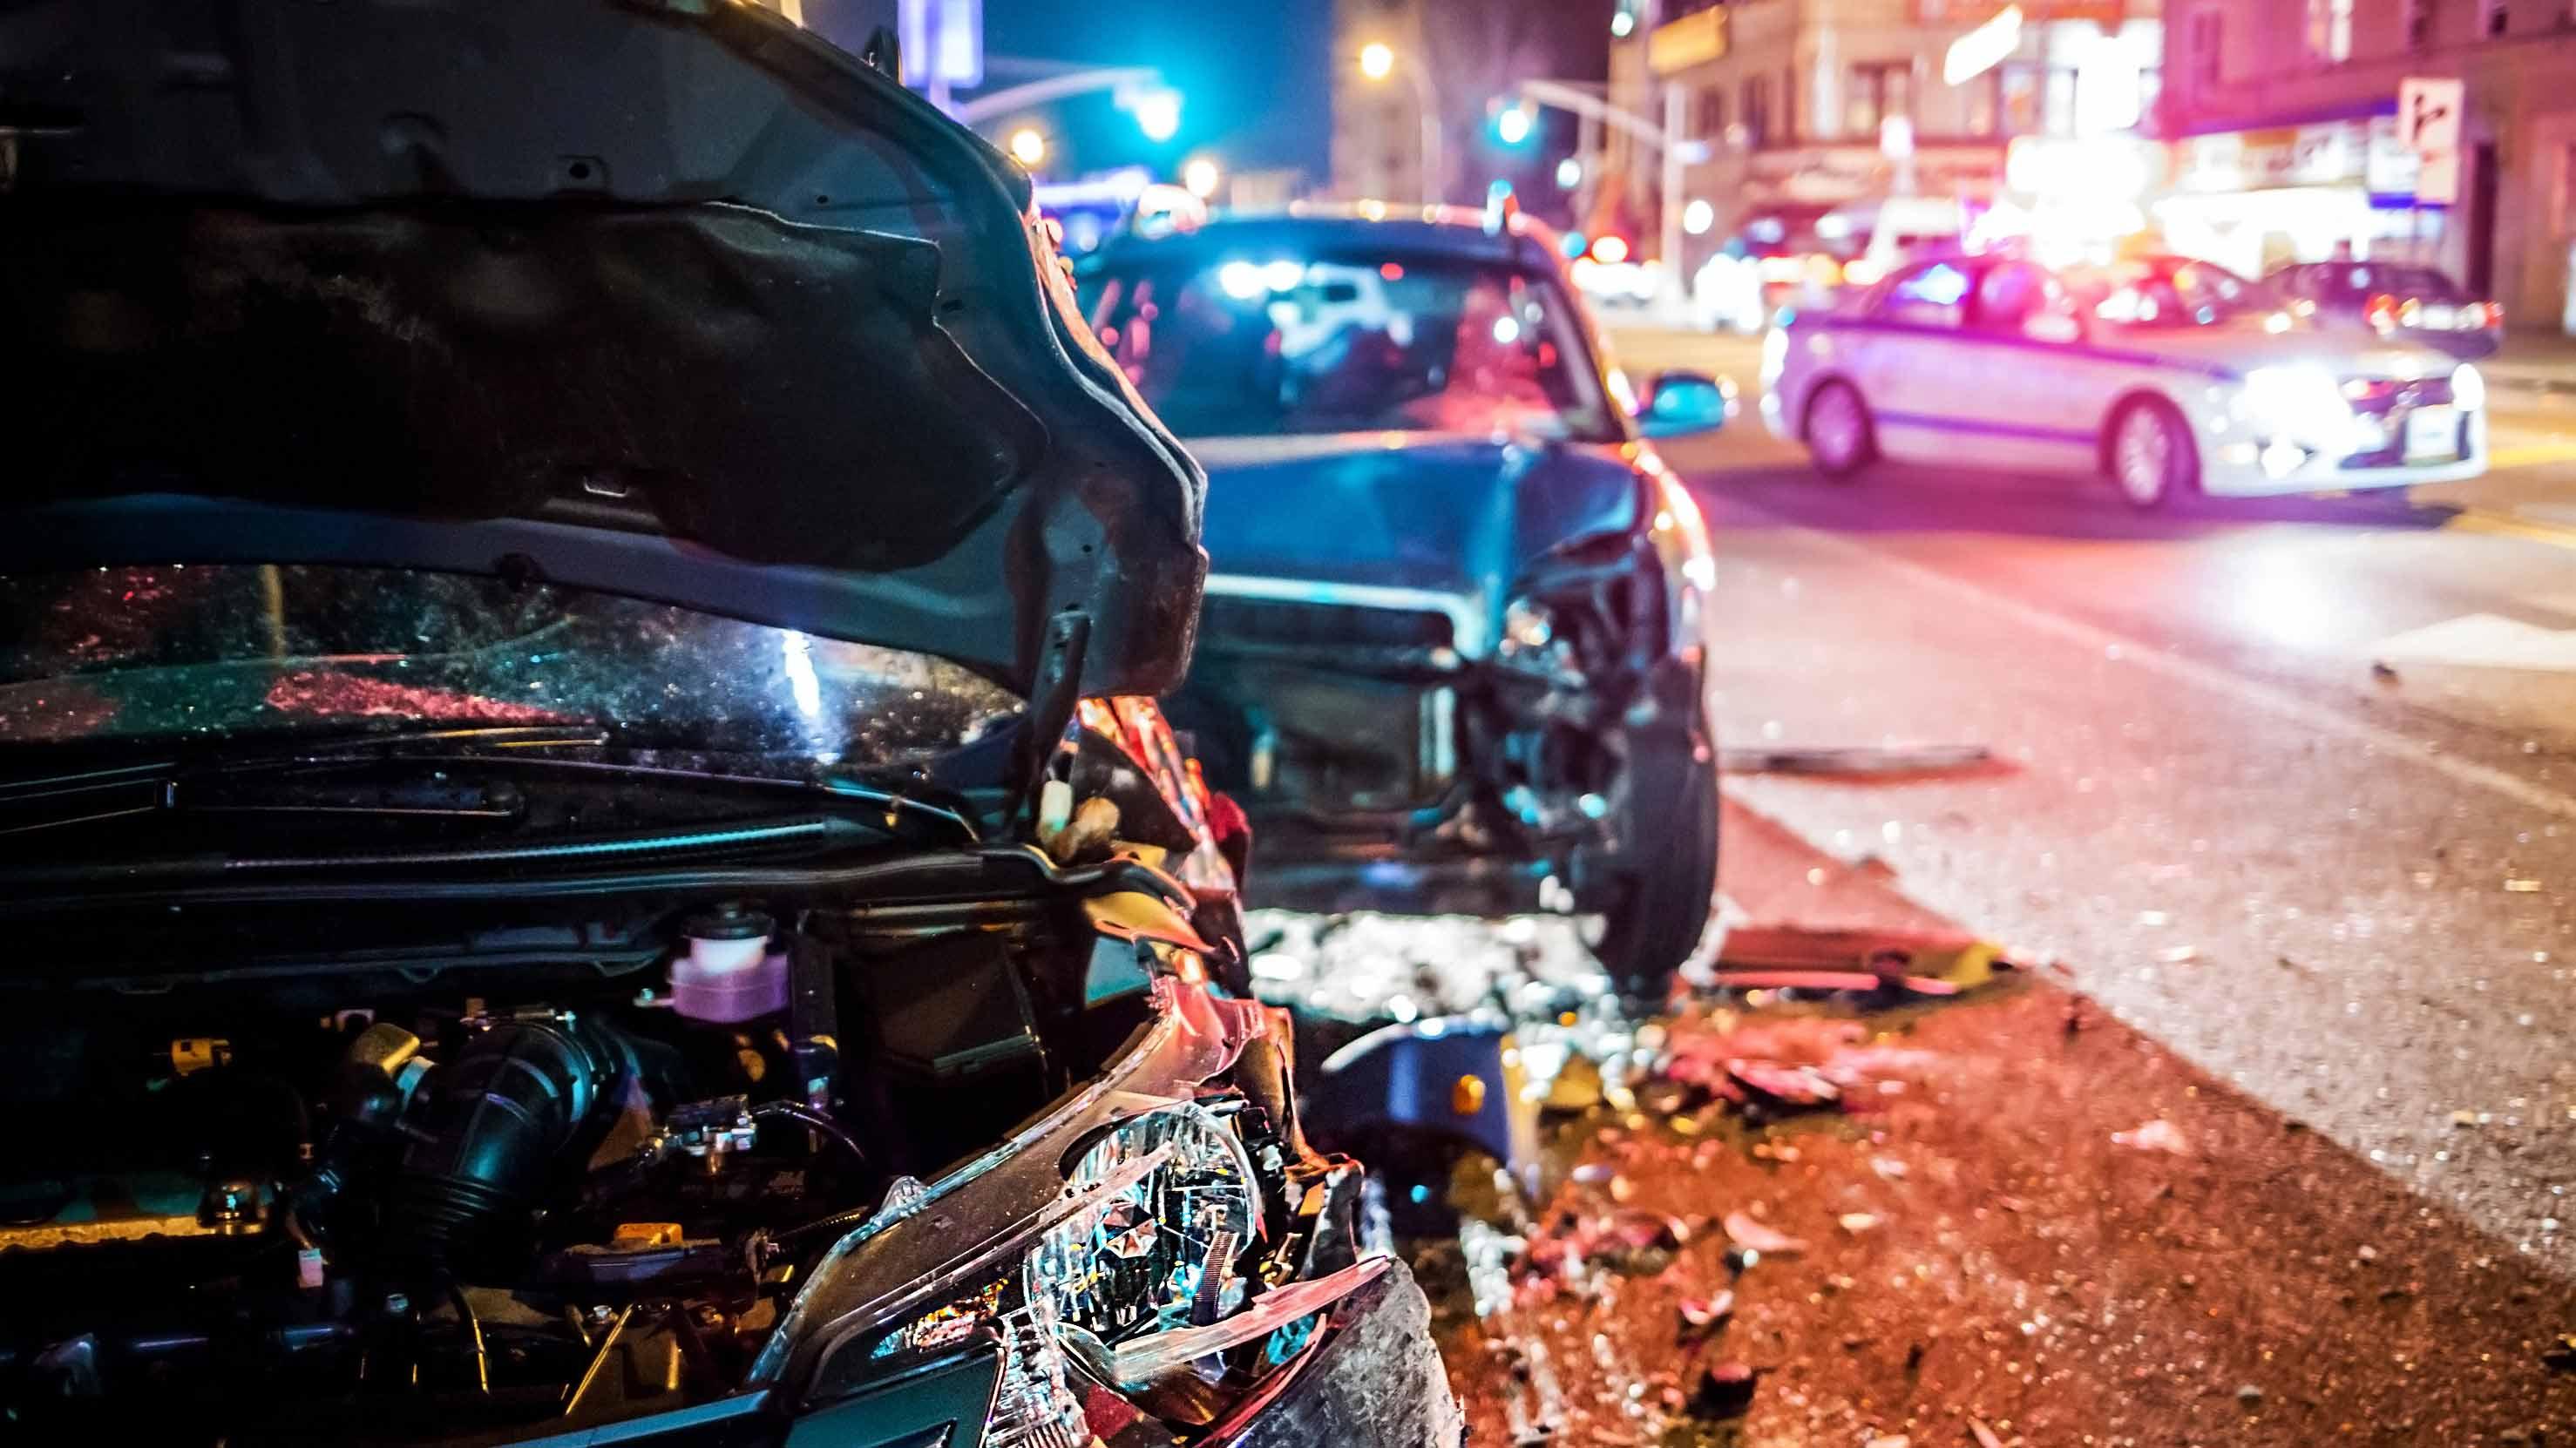 ¿Cuántos vehículos con la ITV caducada sufren accidentes de tráfico?